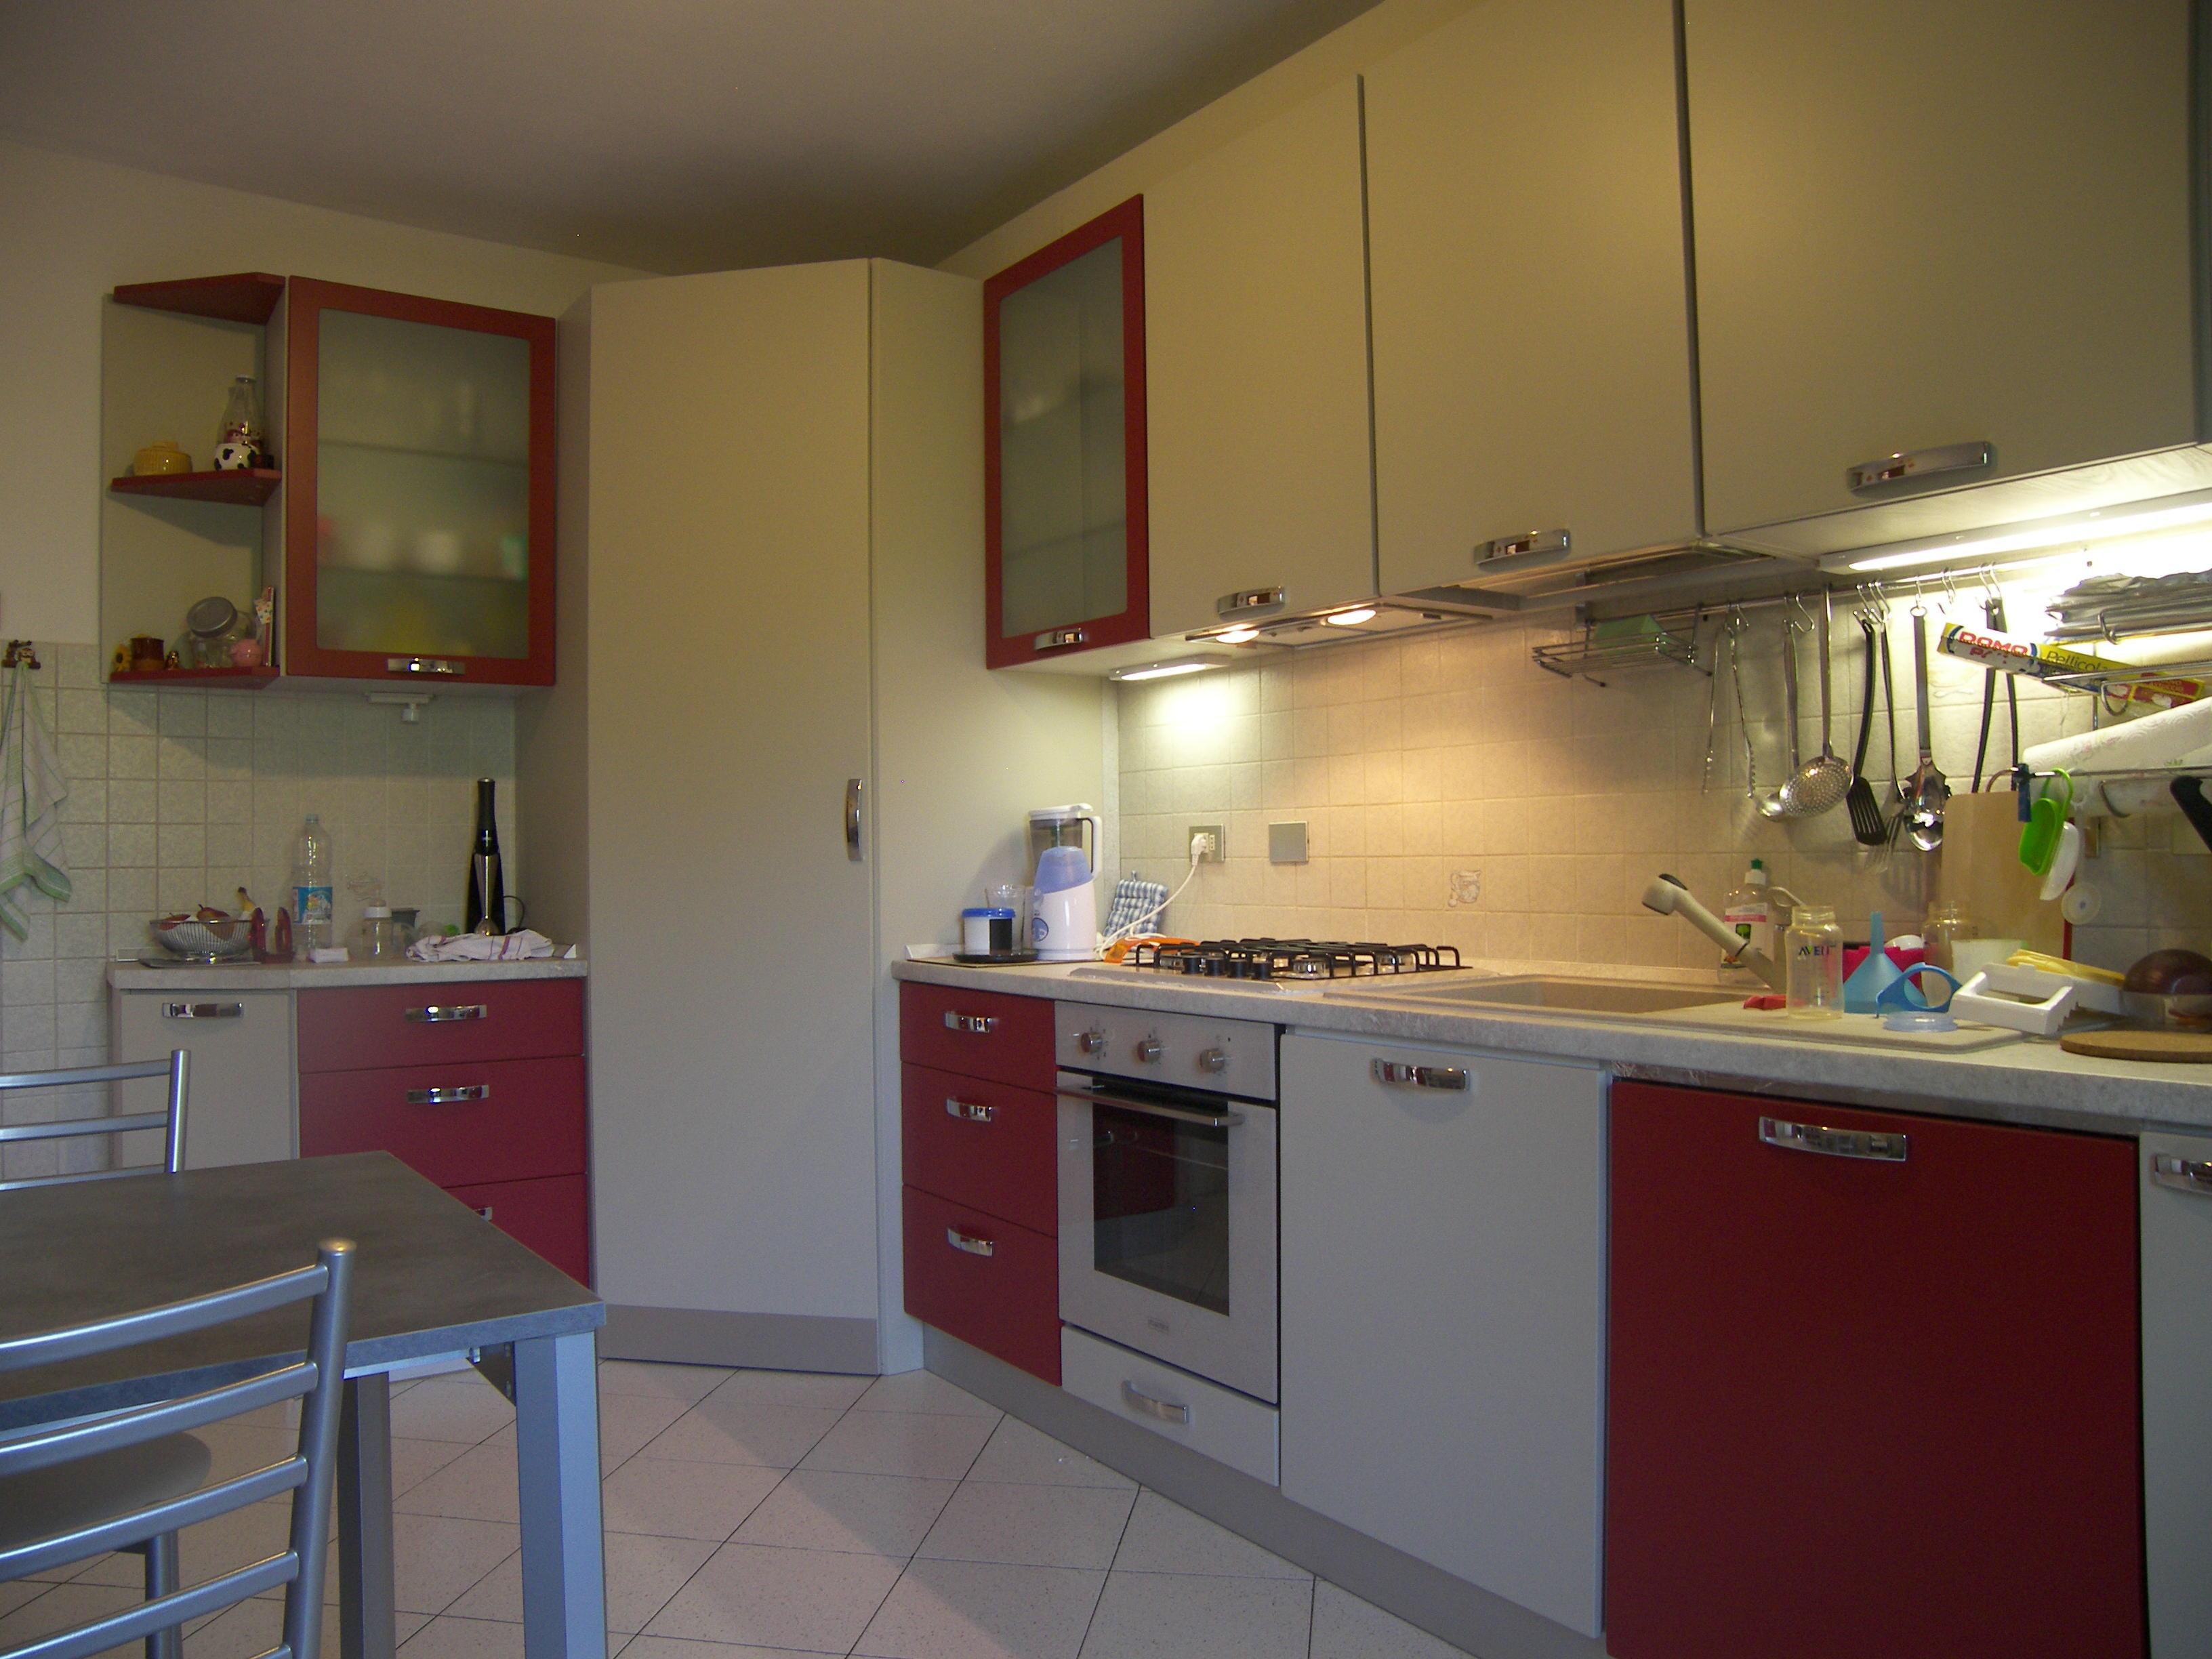 mobile dispensa angolare : Progetto Cucina Angolare su Misura a Buccinasco (mi) Idee Armadi